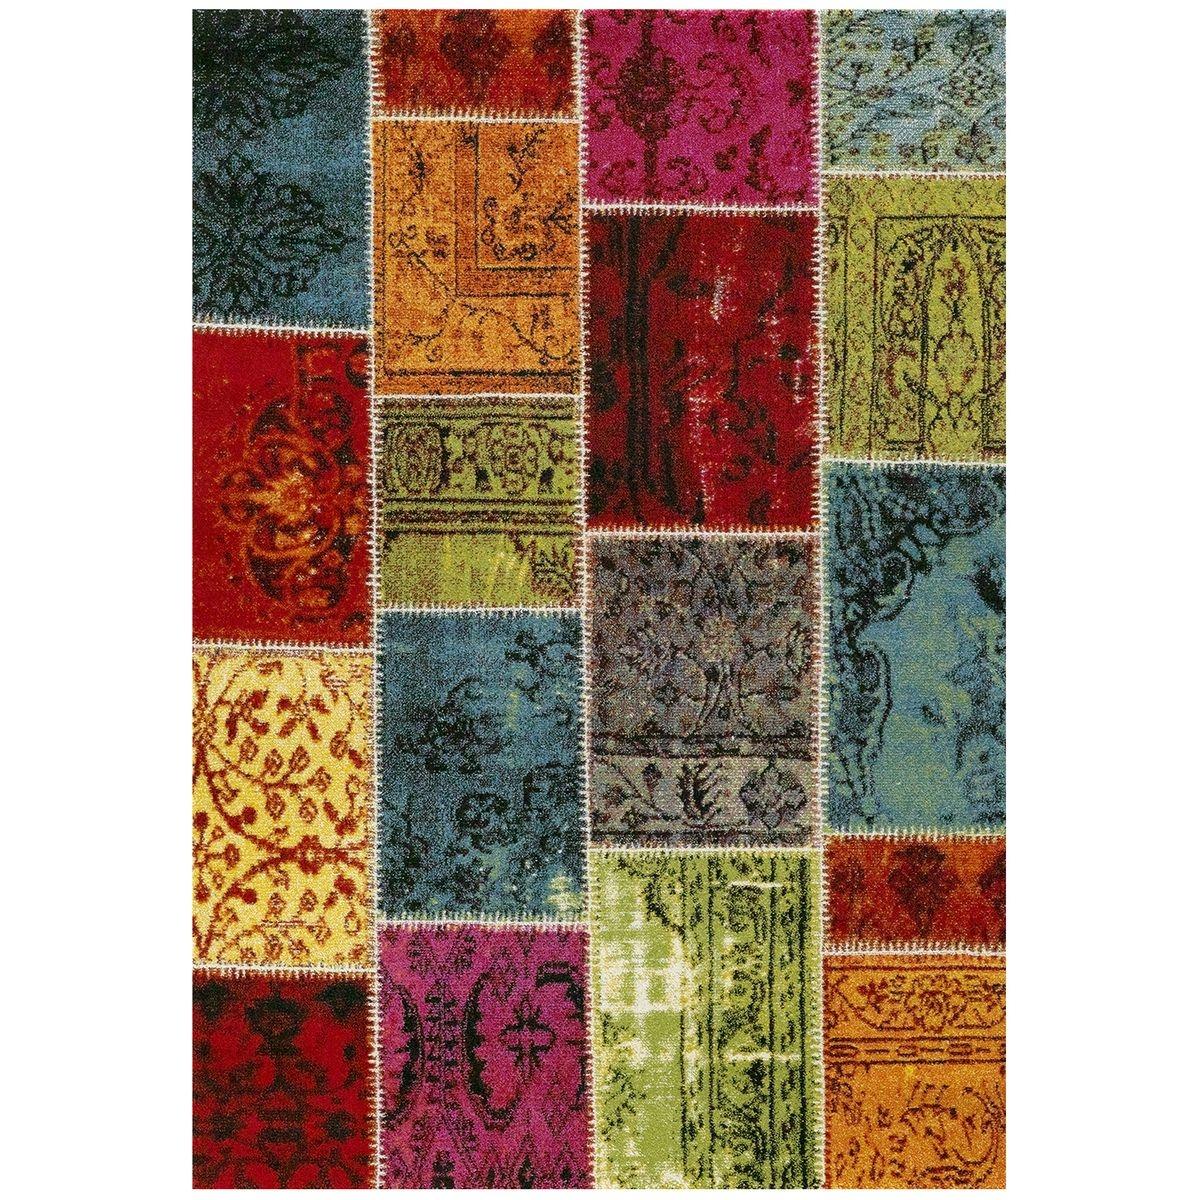 Tapis Ethno 819 110 Tapis Moderne Par Unamourdetapis Multicolore Un